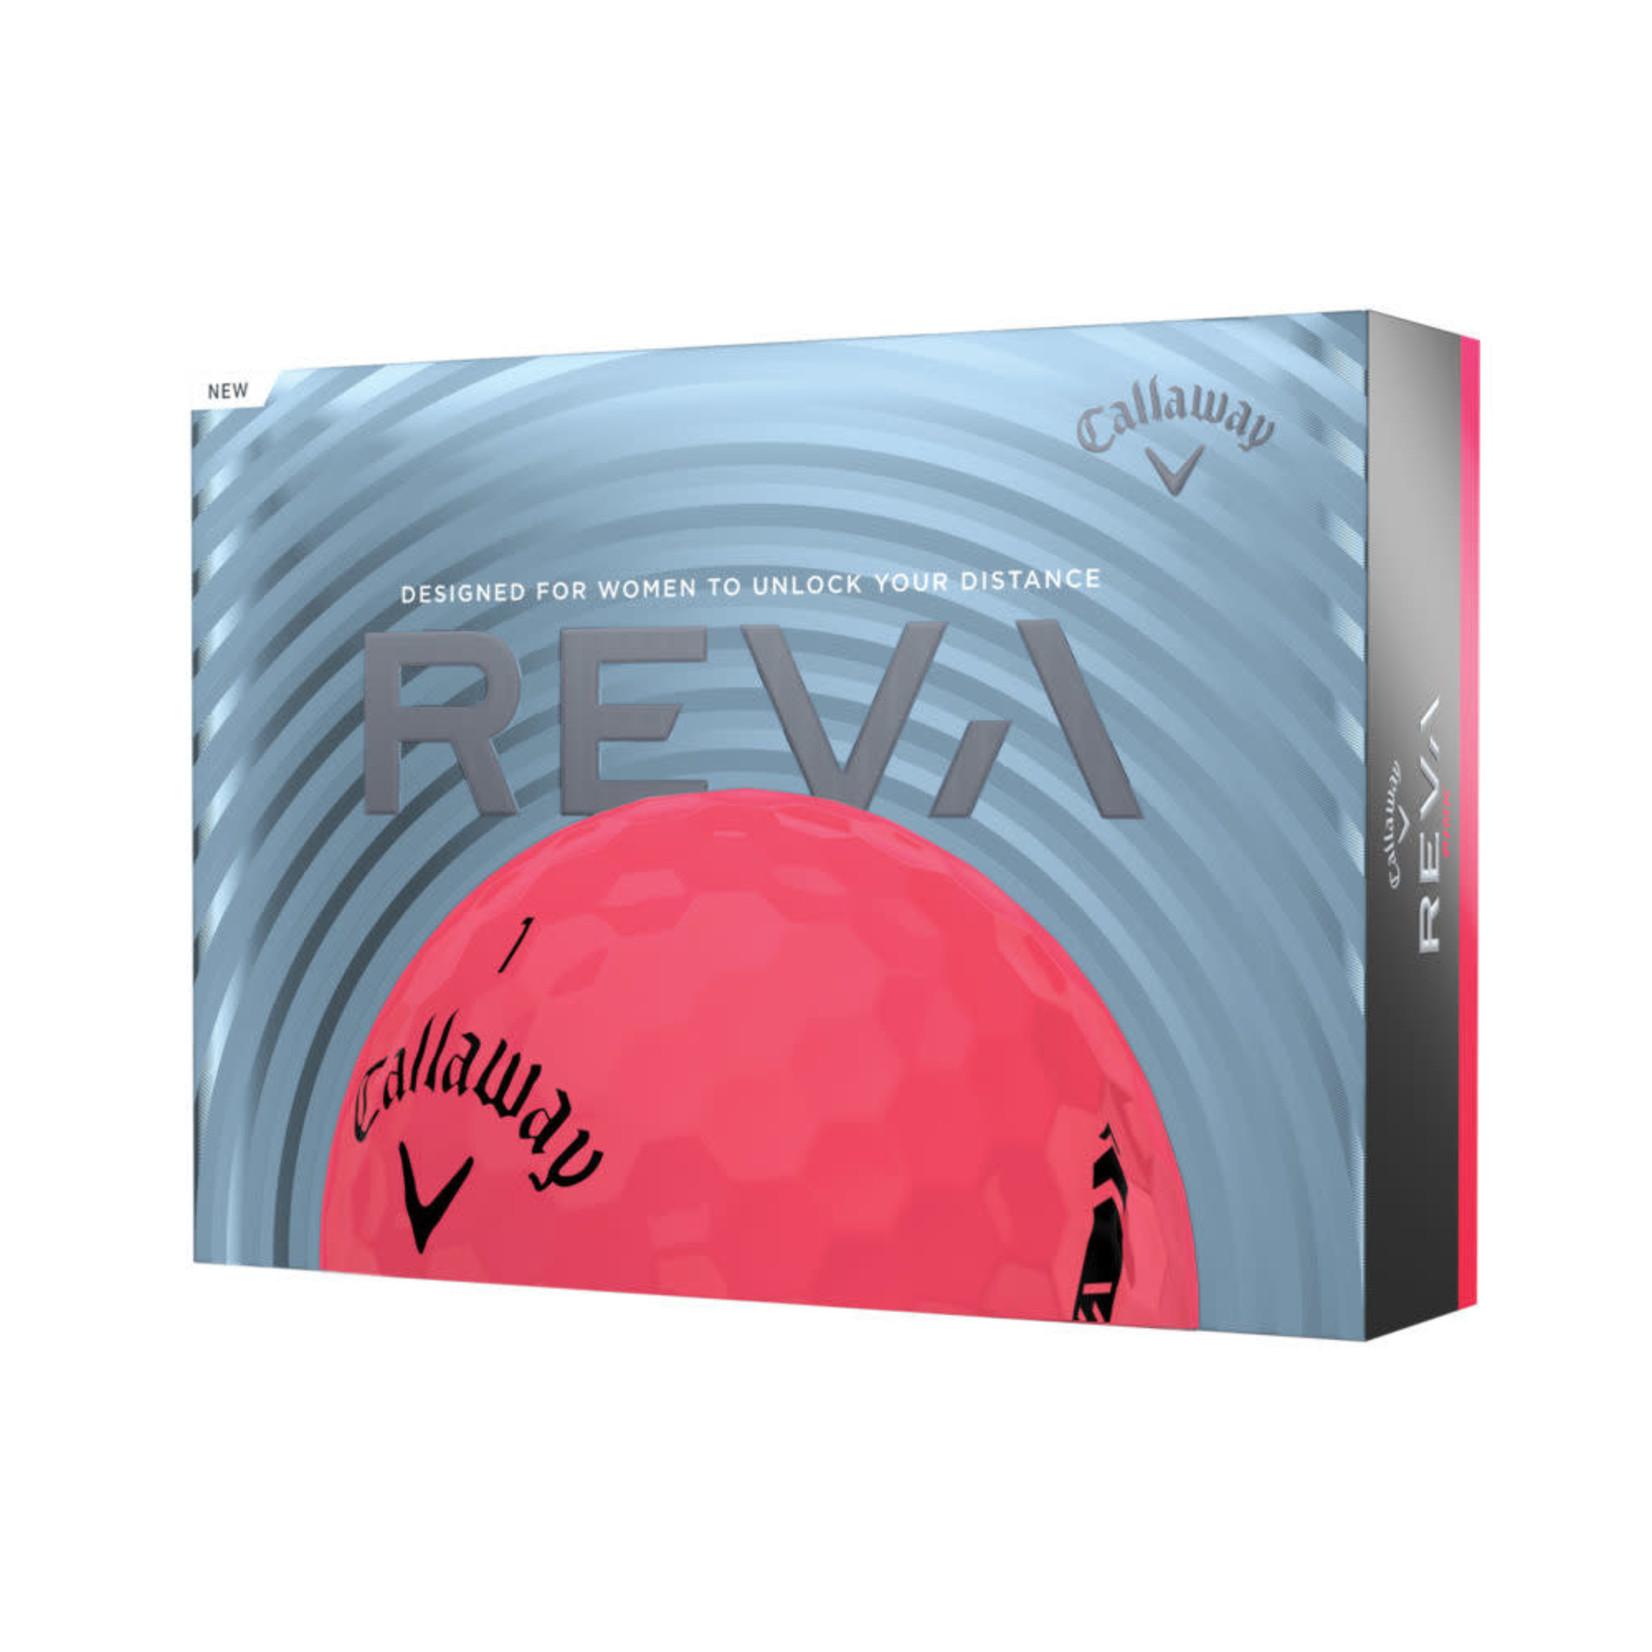 Callaway Callaway Reva'21 Pink